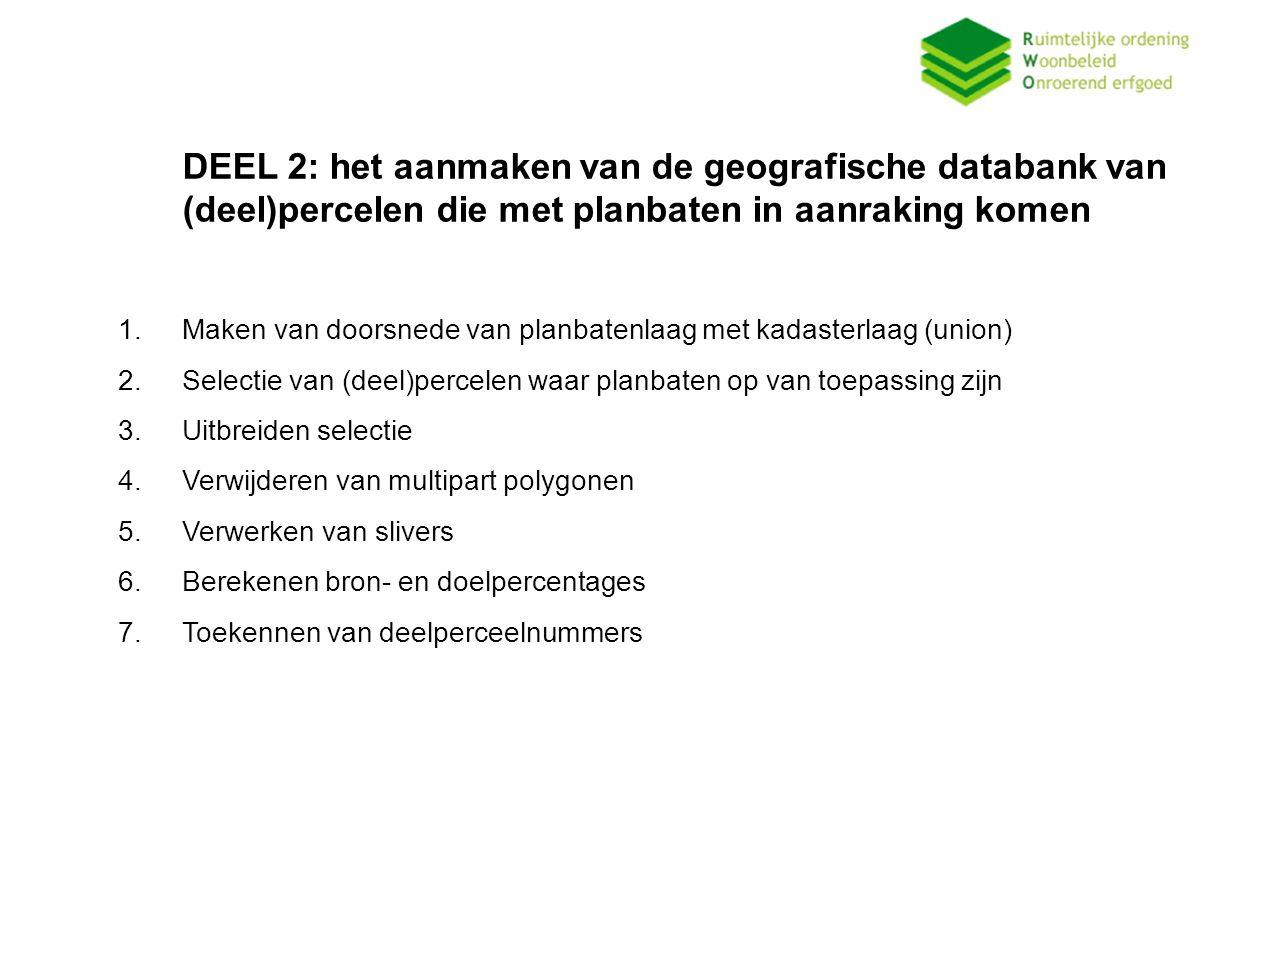 DEEL 2: het aanmaken van de geografische databank van (deel)percelen die met planbaten in aanraking komen